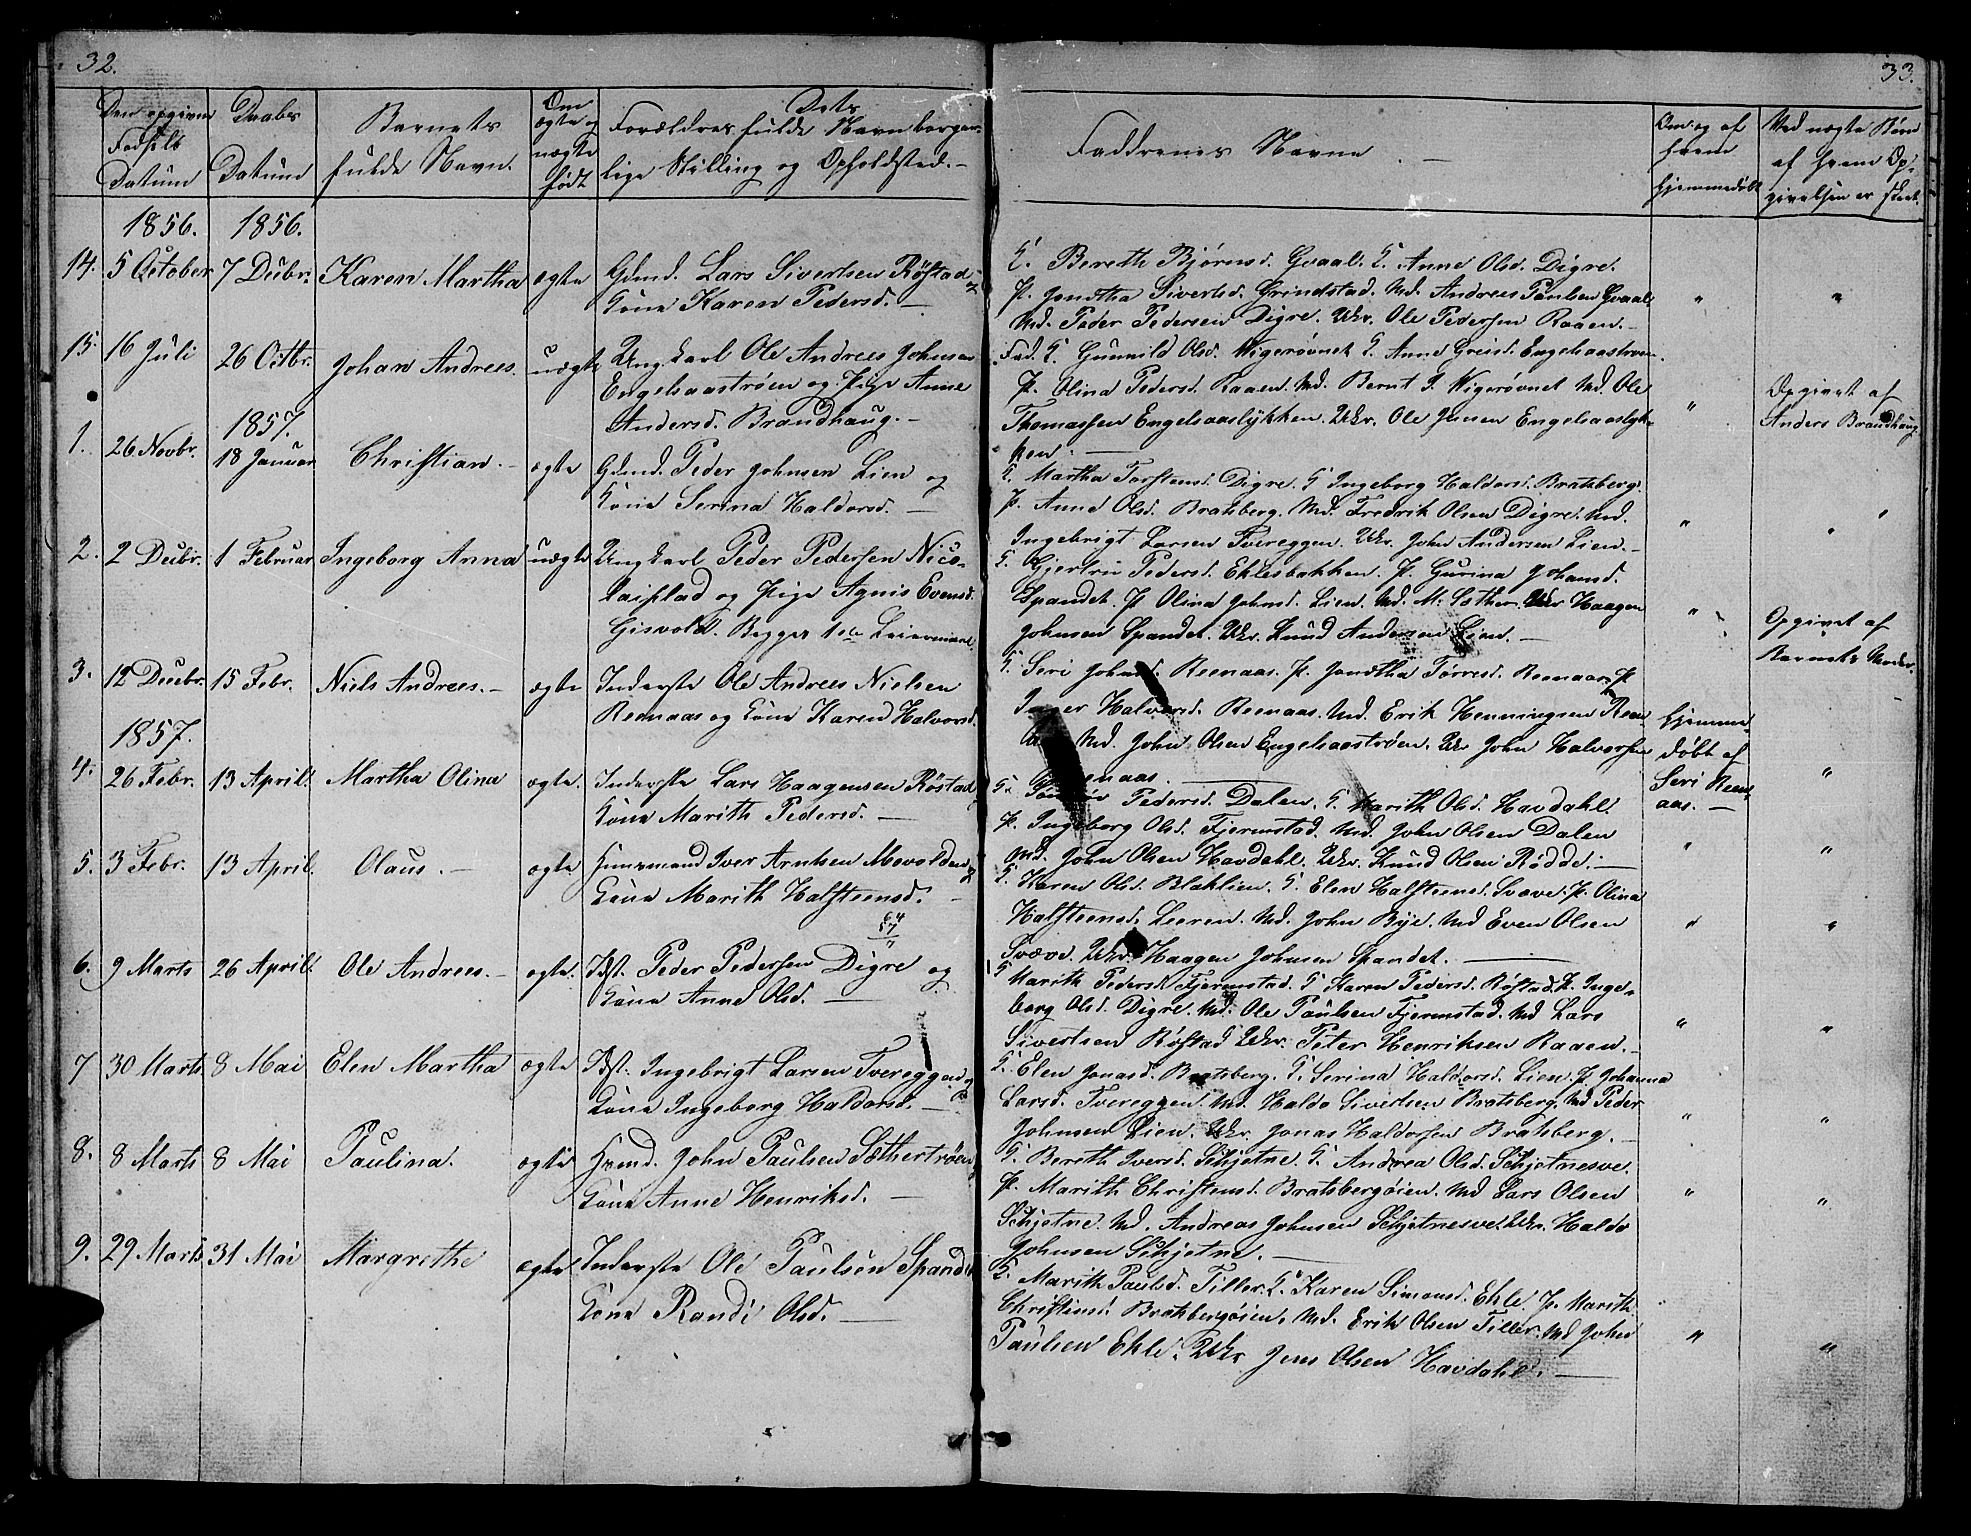 SAT, Ministerialprotokoller, klokkerbøker og fødselsregistre - Sør-Trøndelag, 608/L0339: Klokkerbok nr. 608C05, 1844-1863, s. 32-33